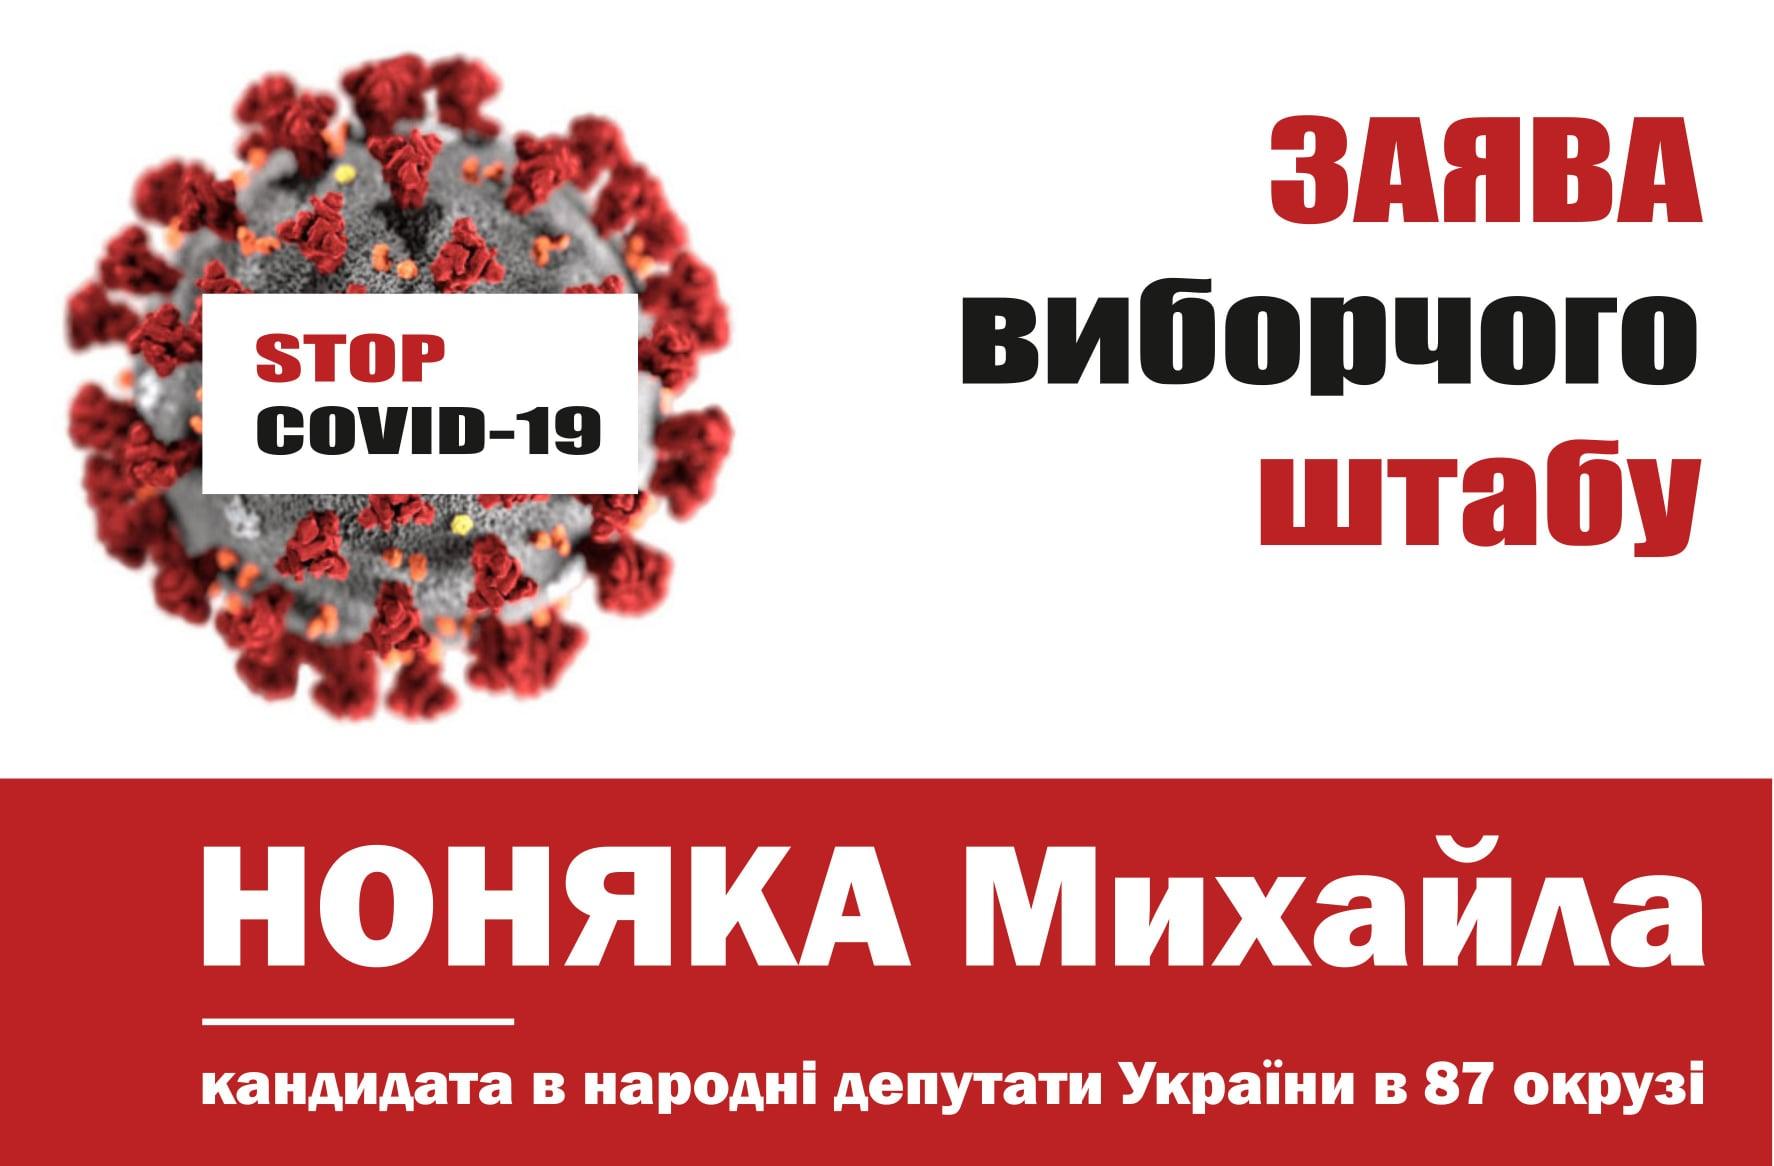 Заради здоров'я людей: через небезпеку поширення COVID-19 штаб Ноняка призупиняє агітацію і закликає владу перенести вибори